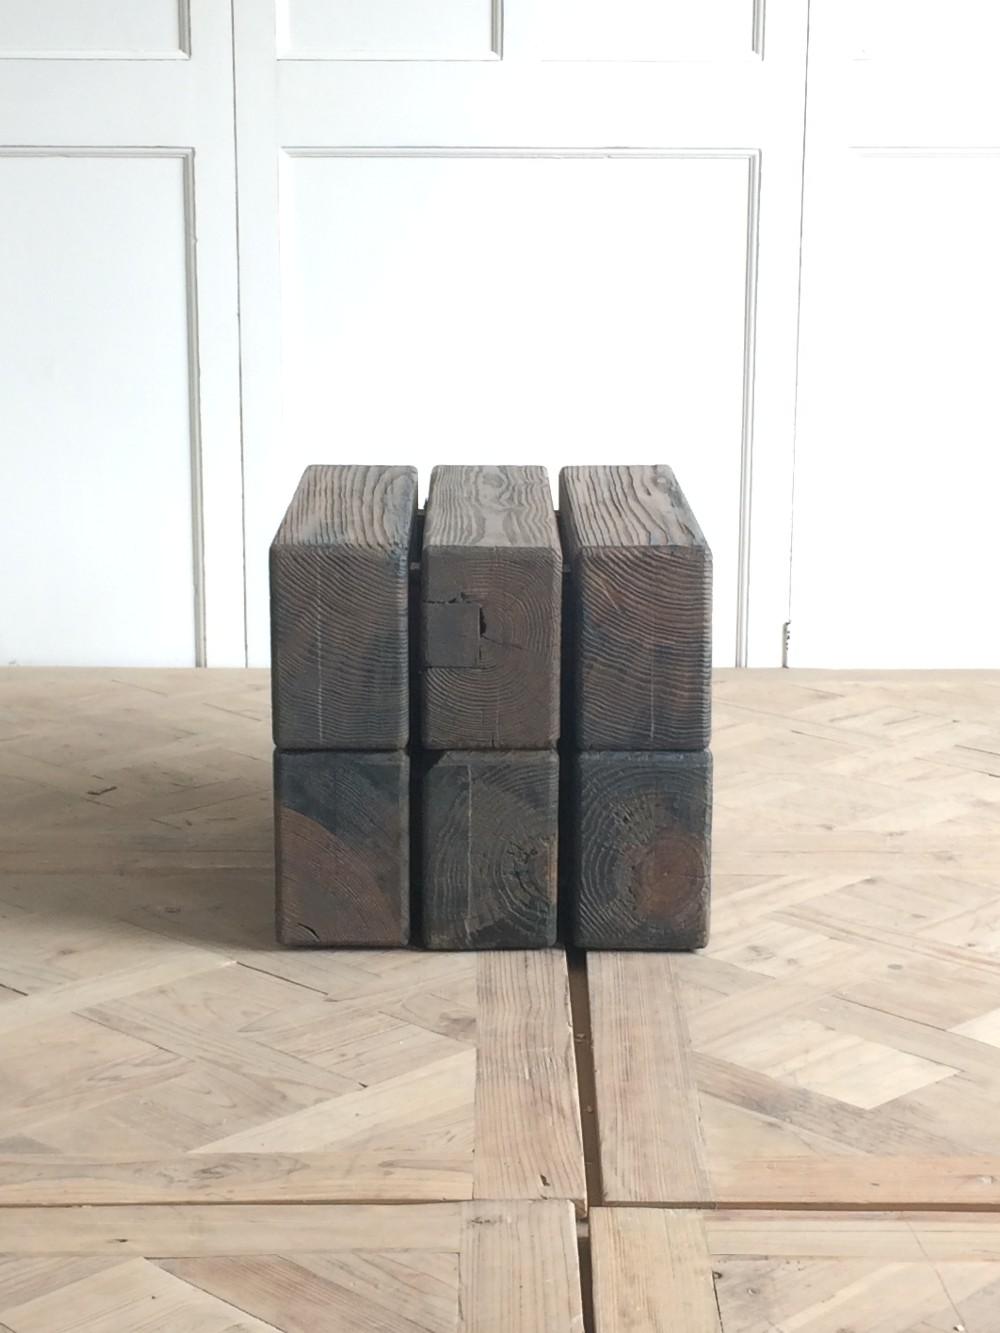 Venta al por mayor muebles de jardin madera reciclada-Compre online ...